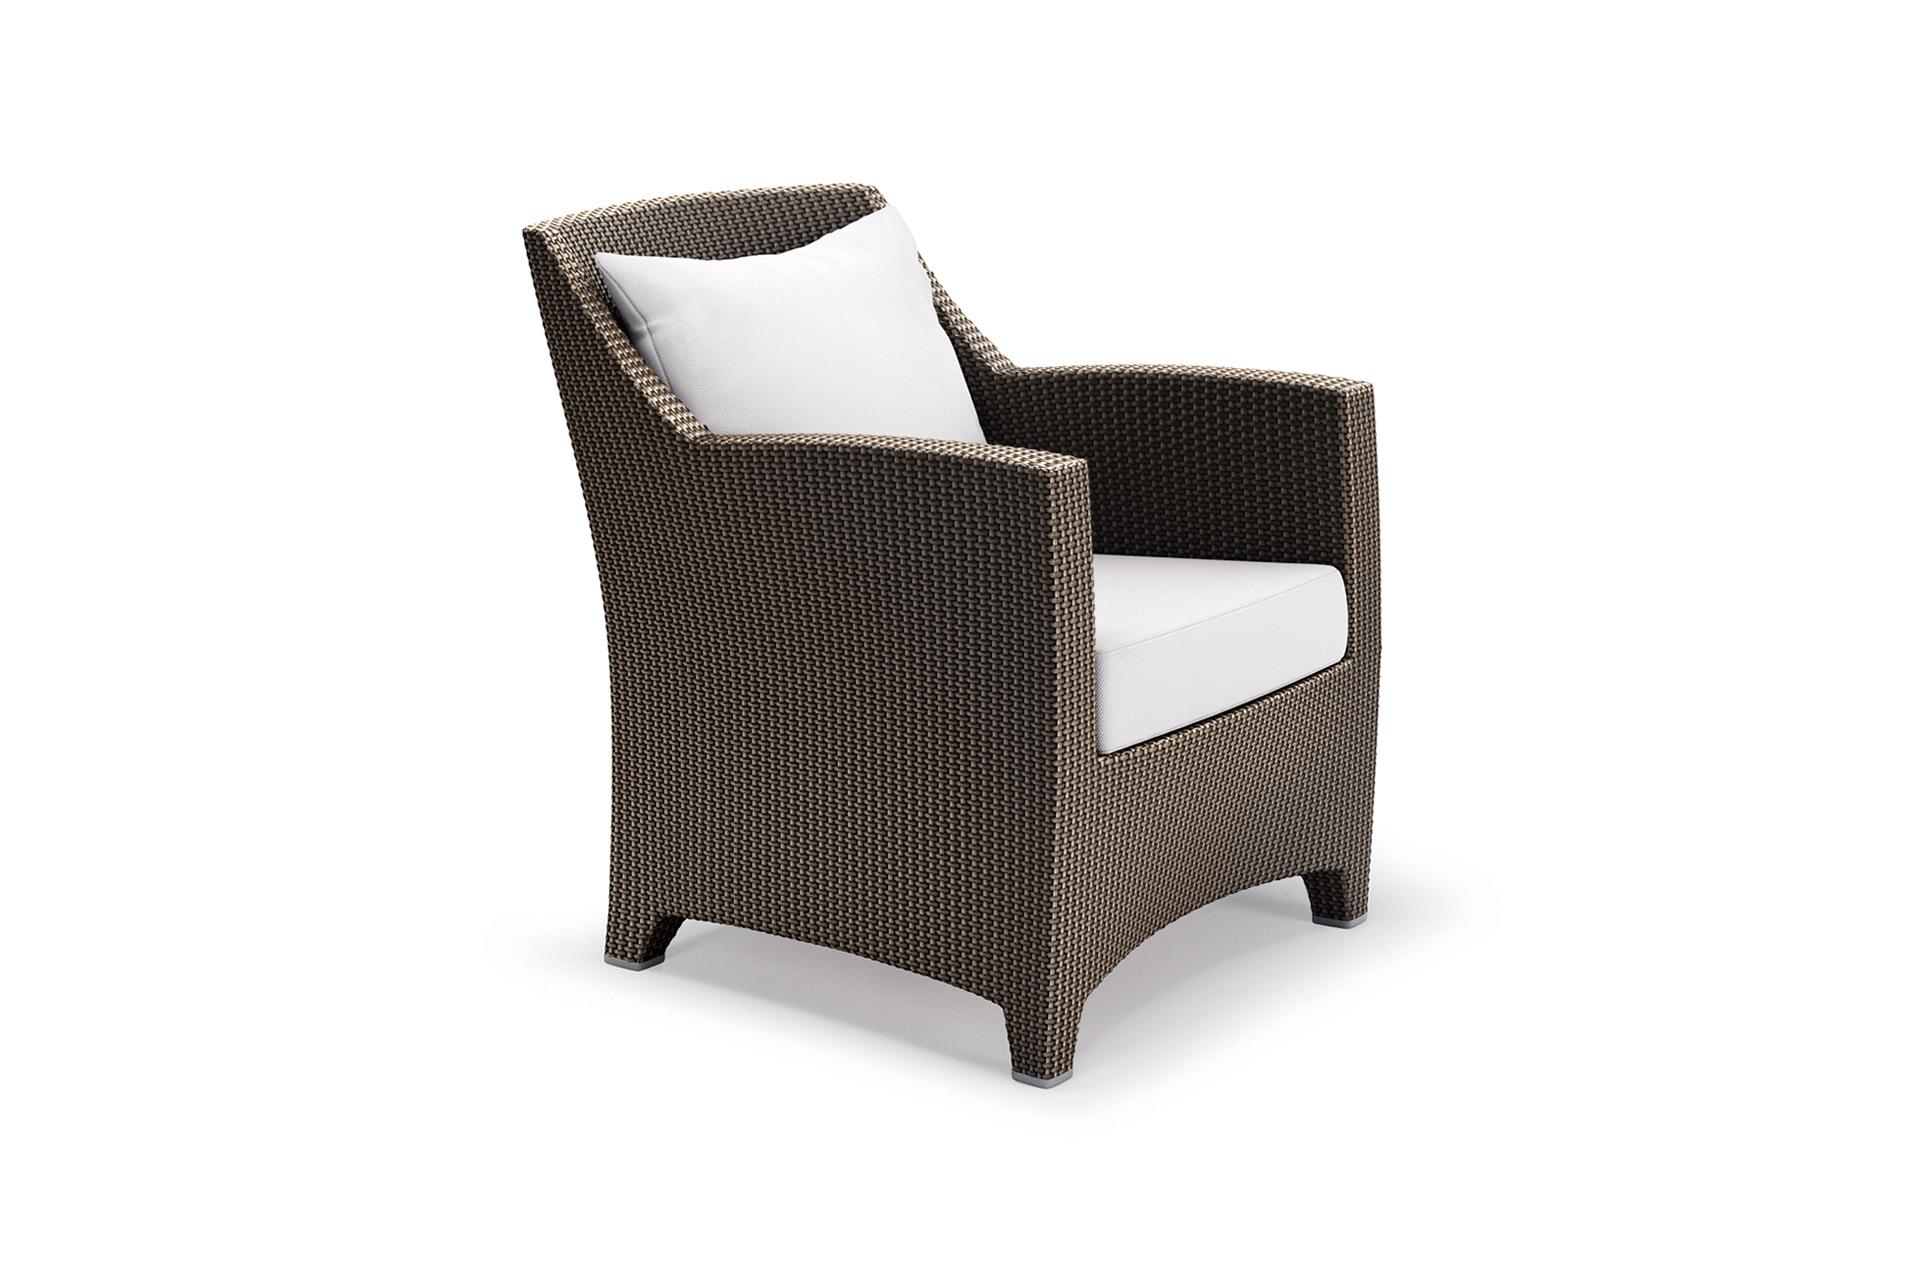 Stühle Aus Polyrattan Für Die Gastronomie Vom Gastromöbel Fachhändler